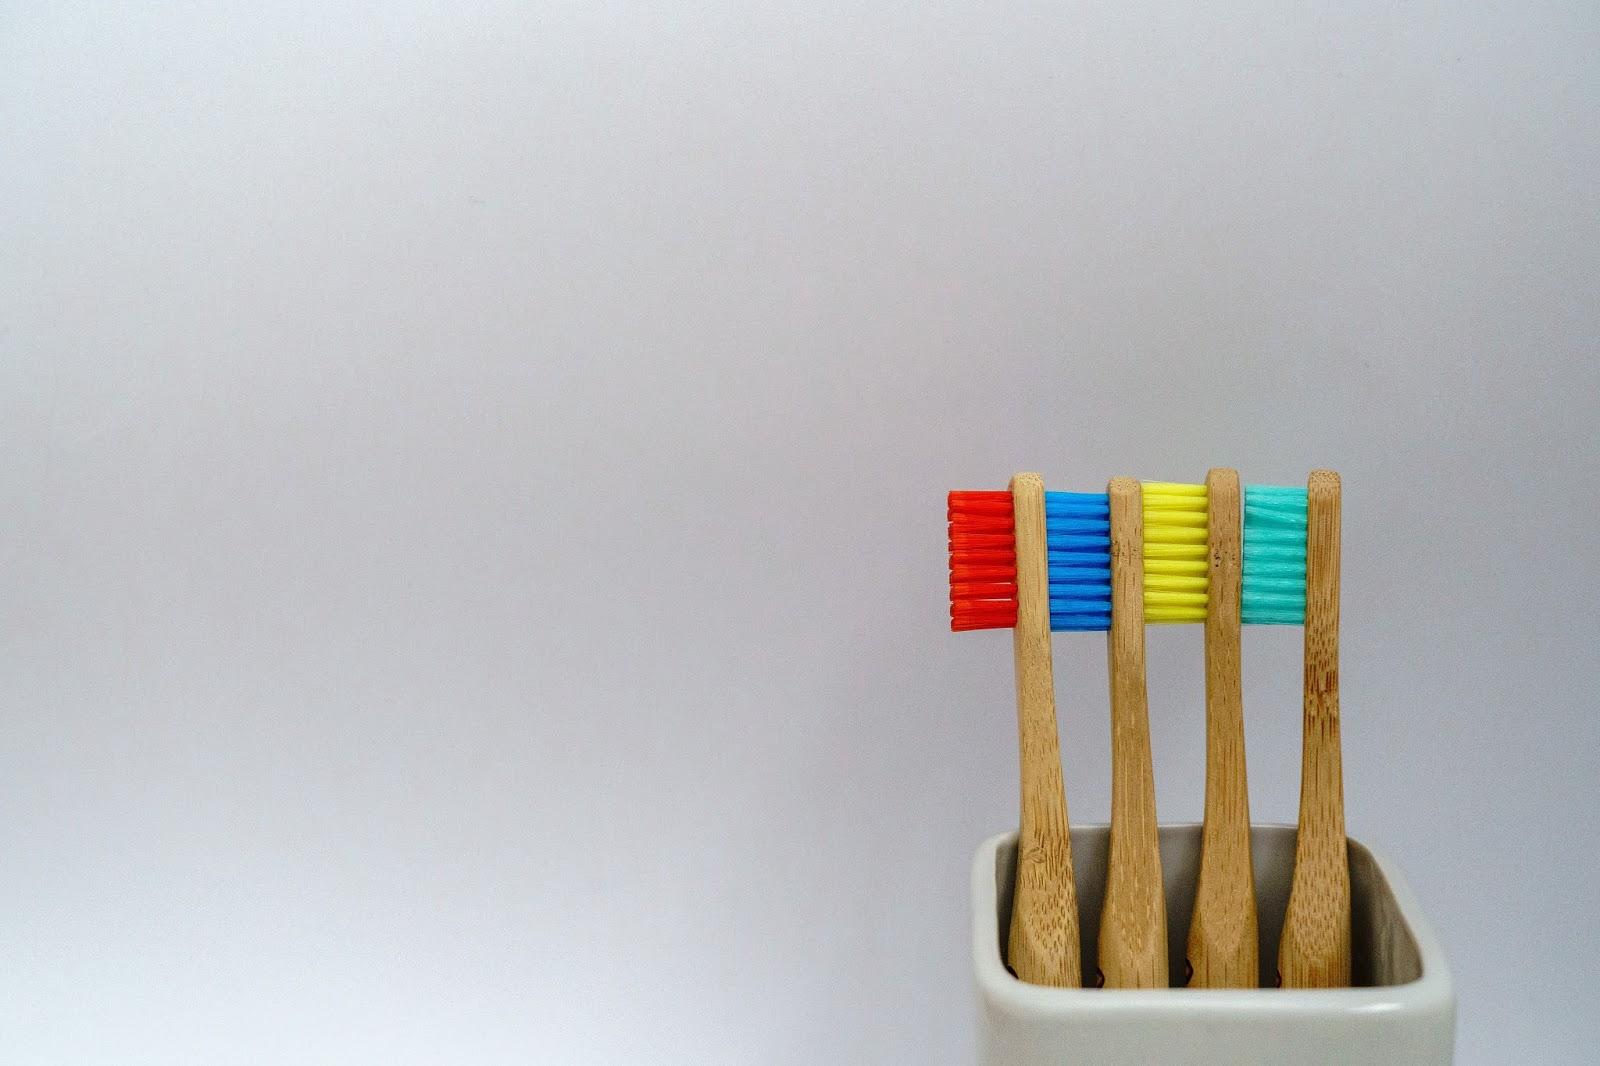 Ο δεκάλογος του καλοκαιριού για τα δόντια σας